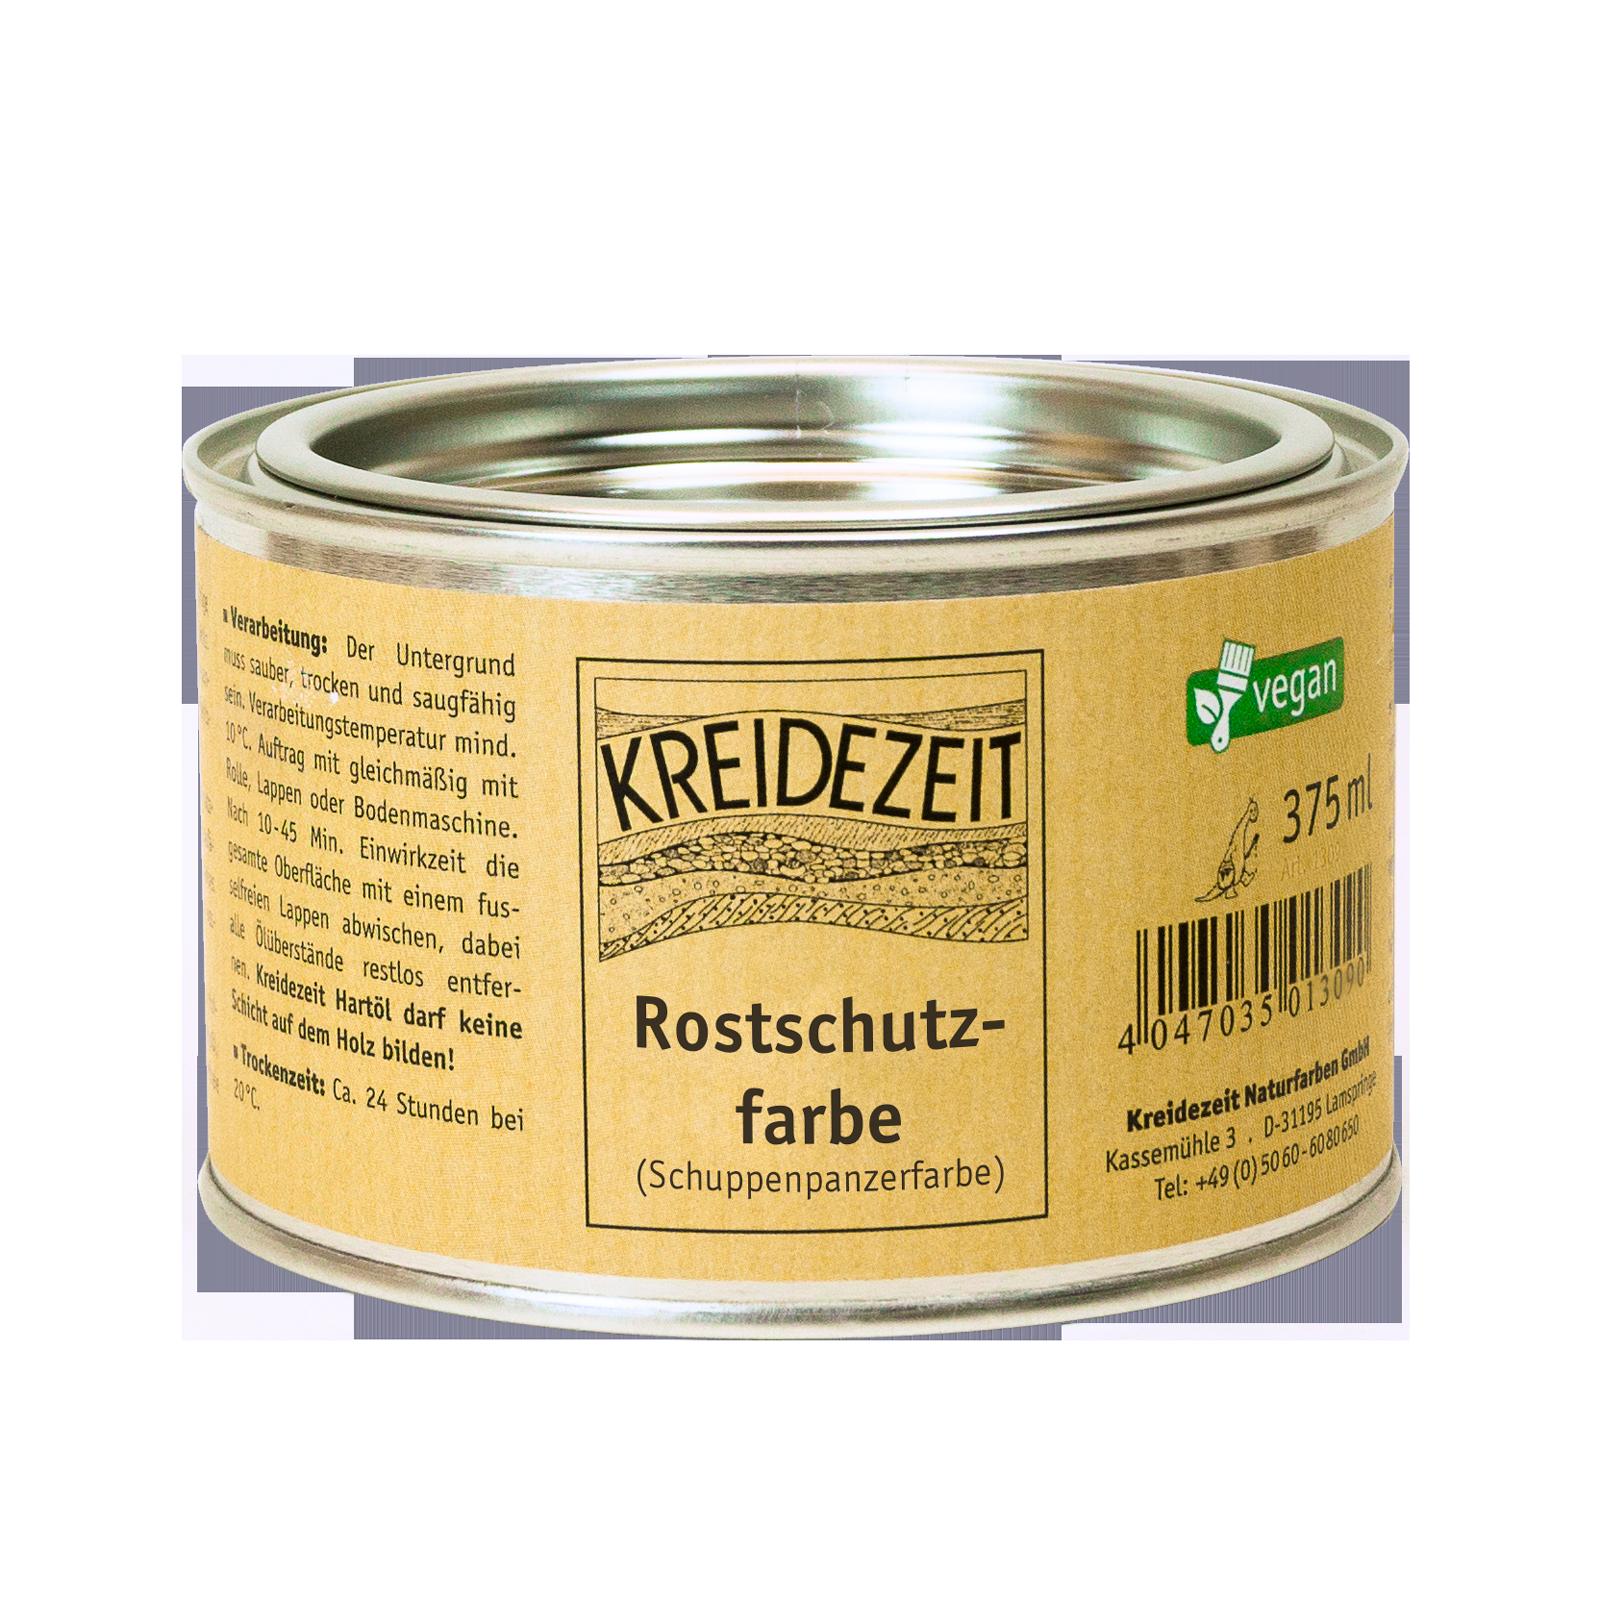 Außergewöhnlich Rostschutzfarbe - KREIDEZEIT Naturfarben GmbH @YB_91